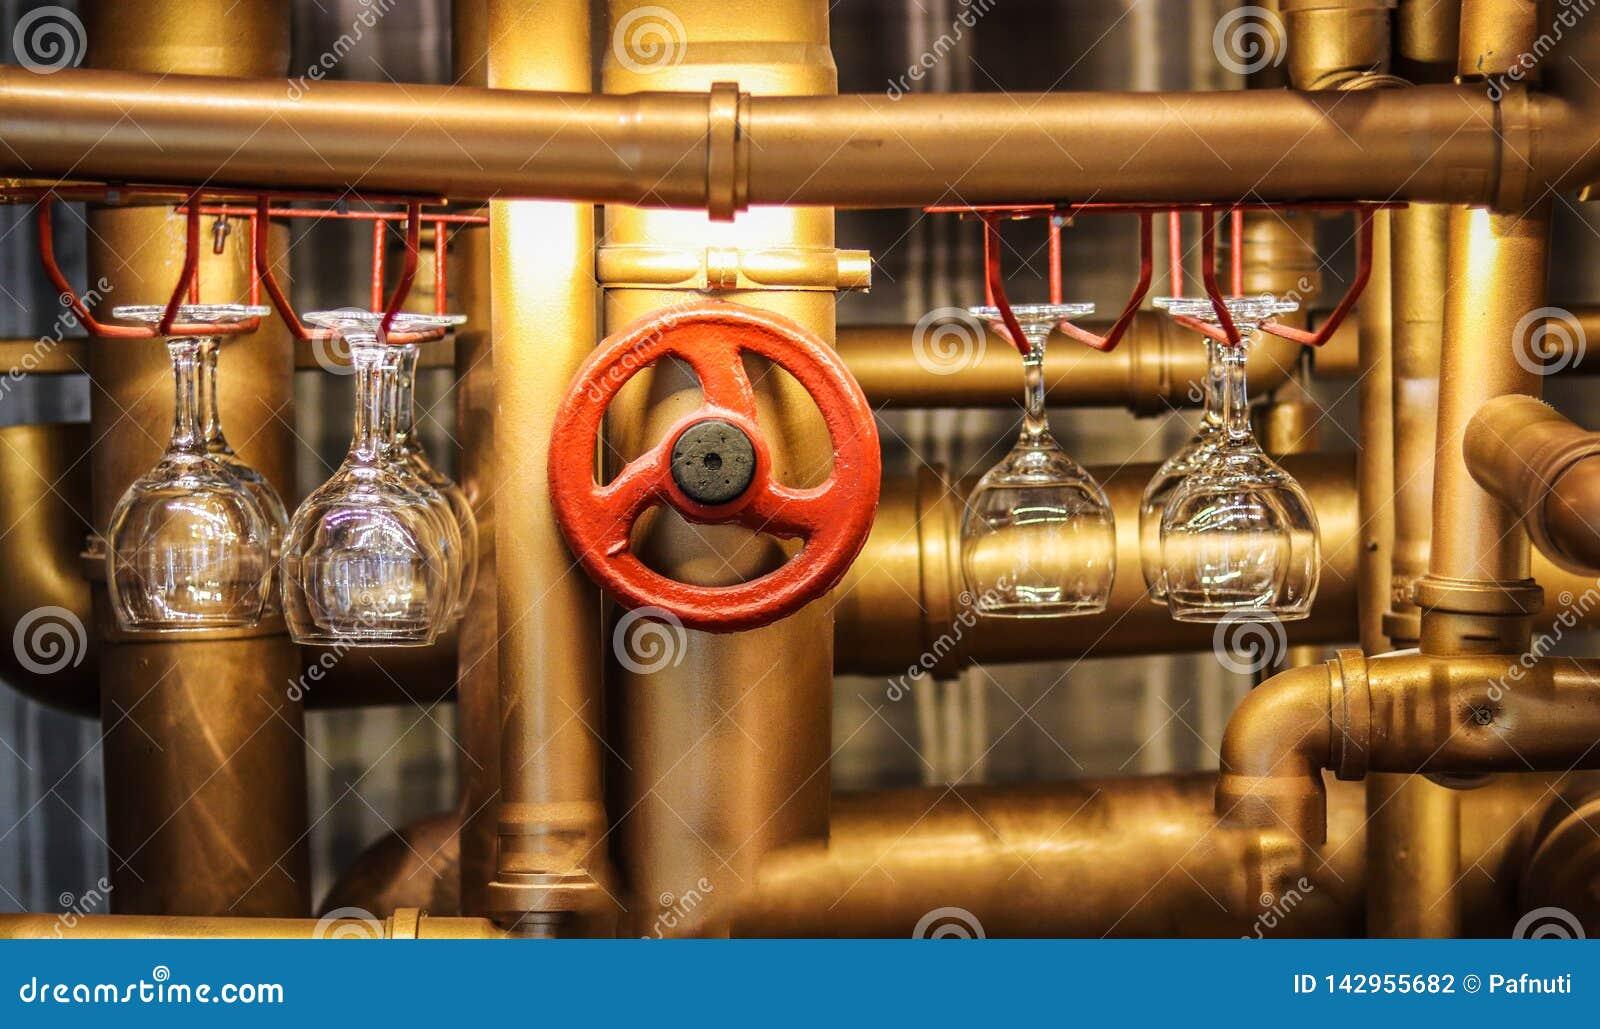 Stangenzähler im Stil des steampunk